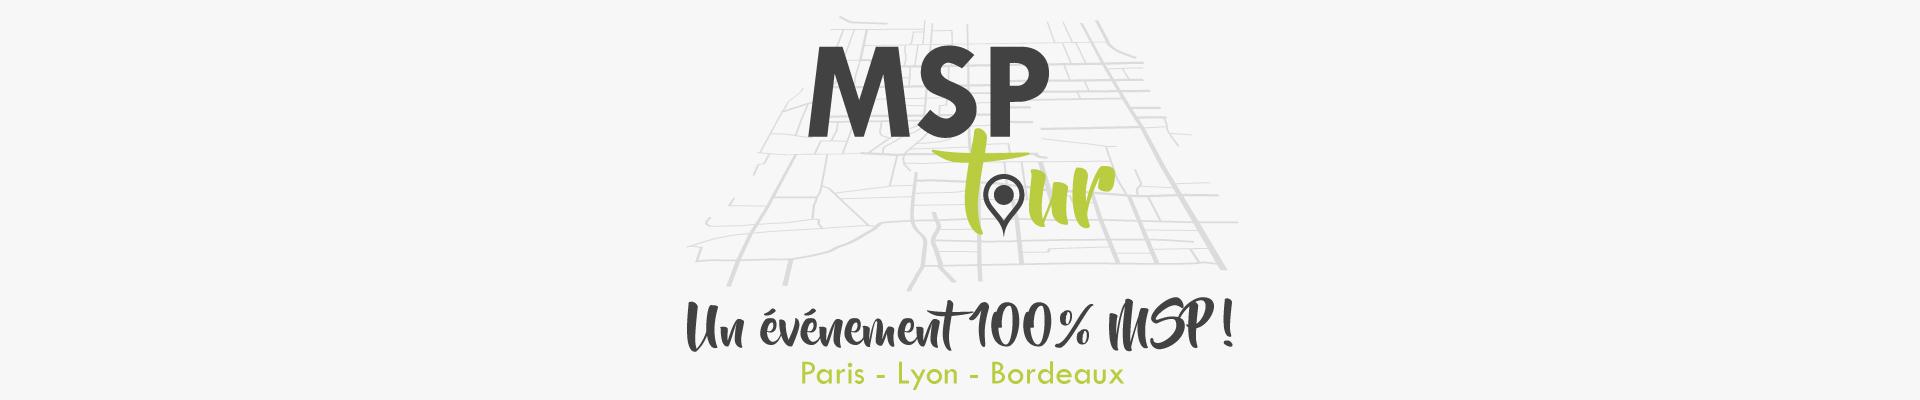 BANN_LP_MSP_TOUR_2019-1